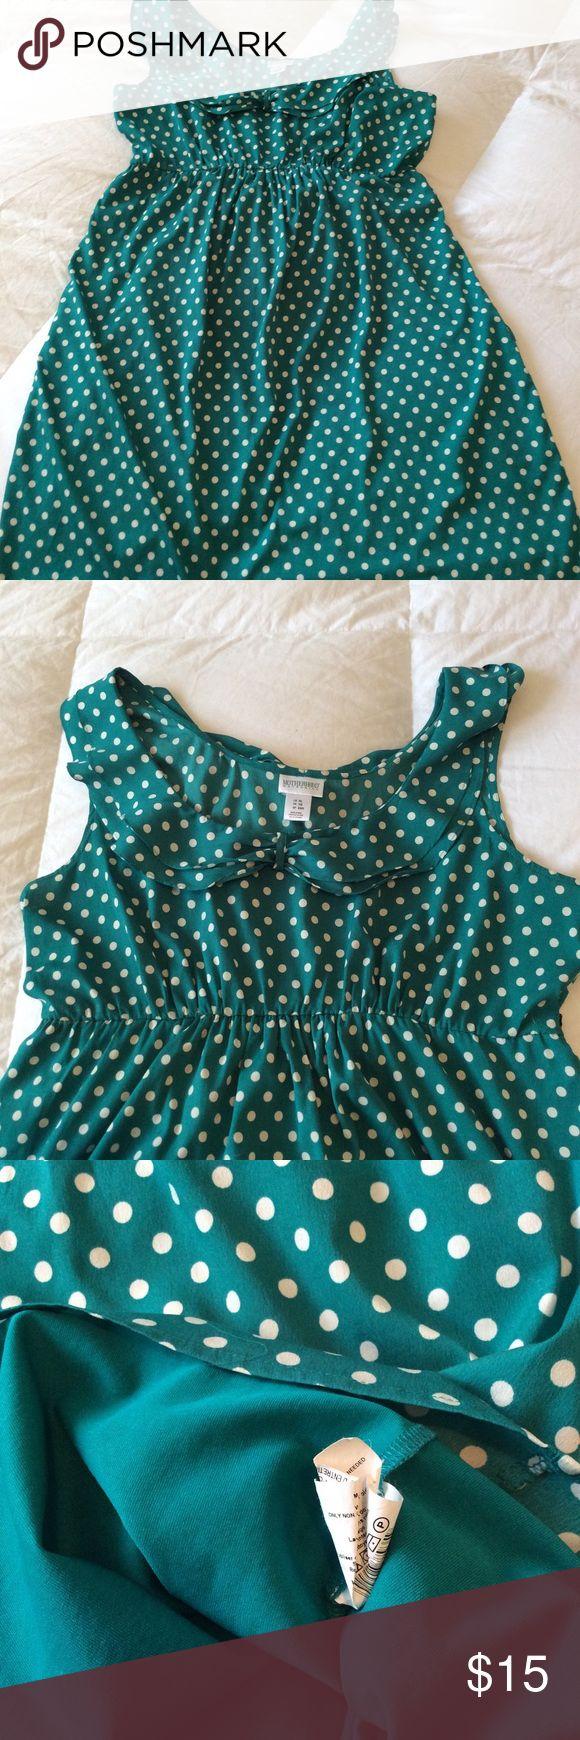 Top 25 best polka dot maternity dresses ideas on pinterest motherhood maternity polka dot dress xl ombrellifo Choice Image